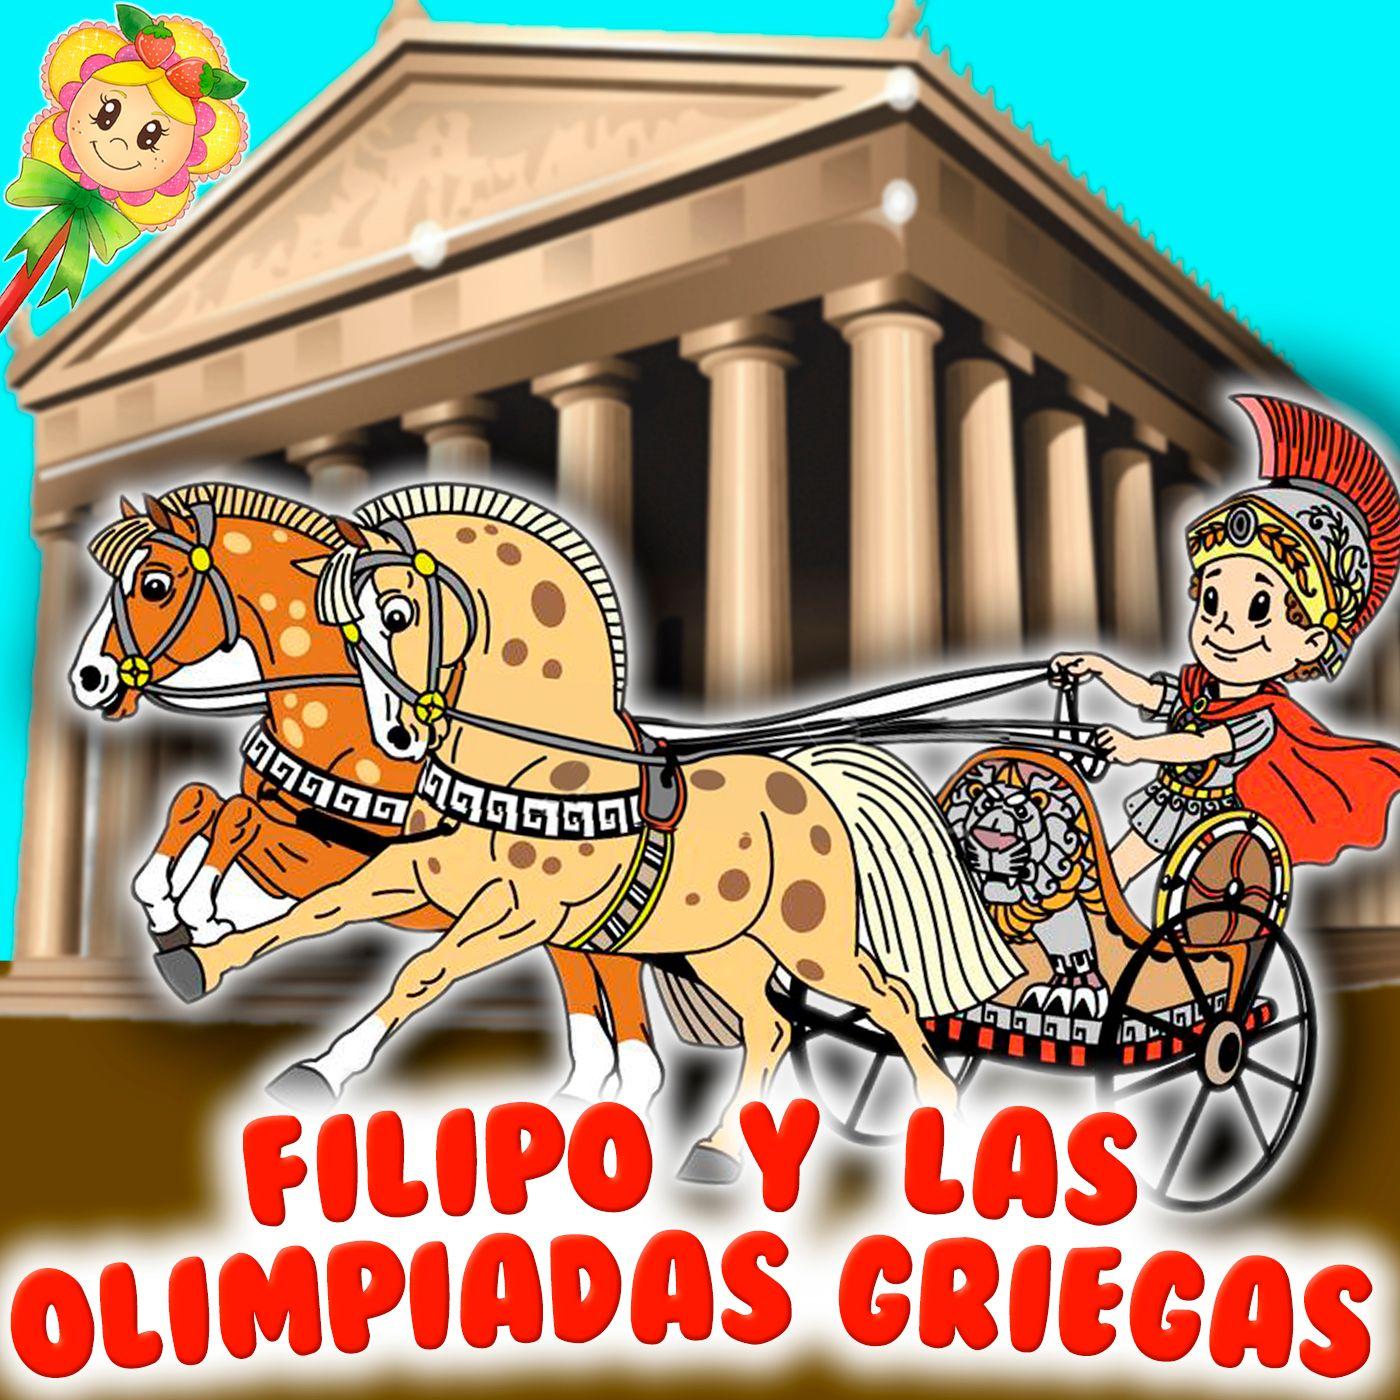 97. Filipo y las Olimpiadas. Cuento infantil de Hada de Fresa sobre las olimpiadas en la antigua Grecia. Cuento para dormir